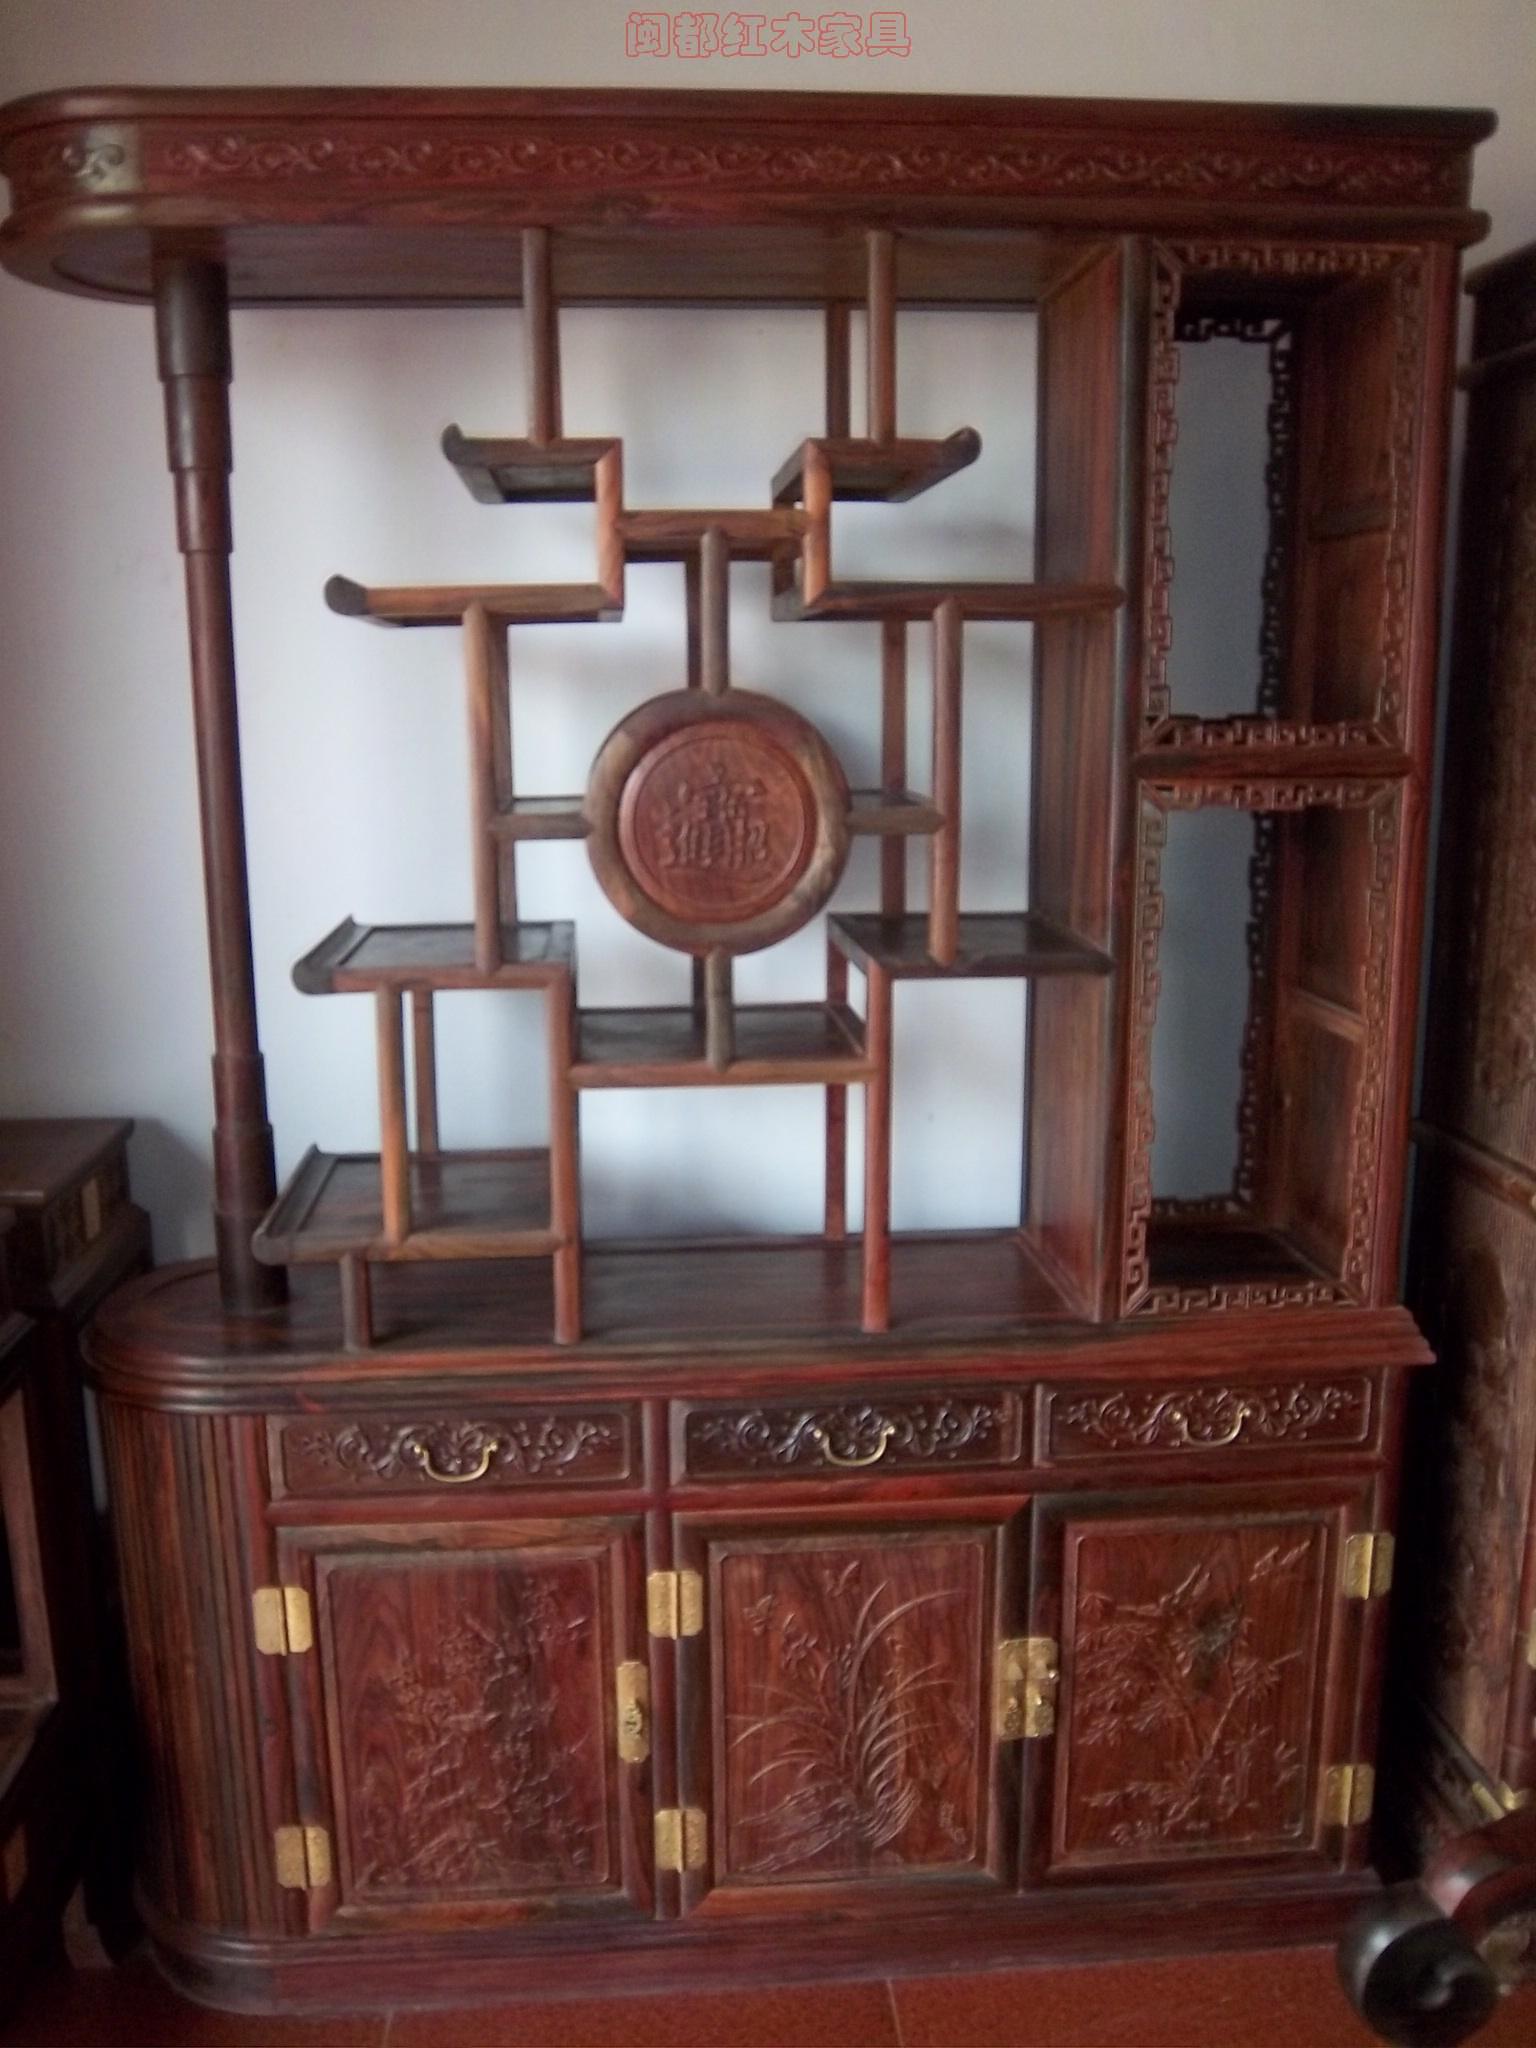 酒柜效果图大全2015款 木工做的酒柜效果图 酒柜图片